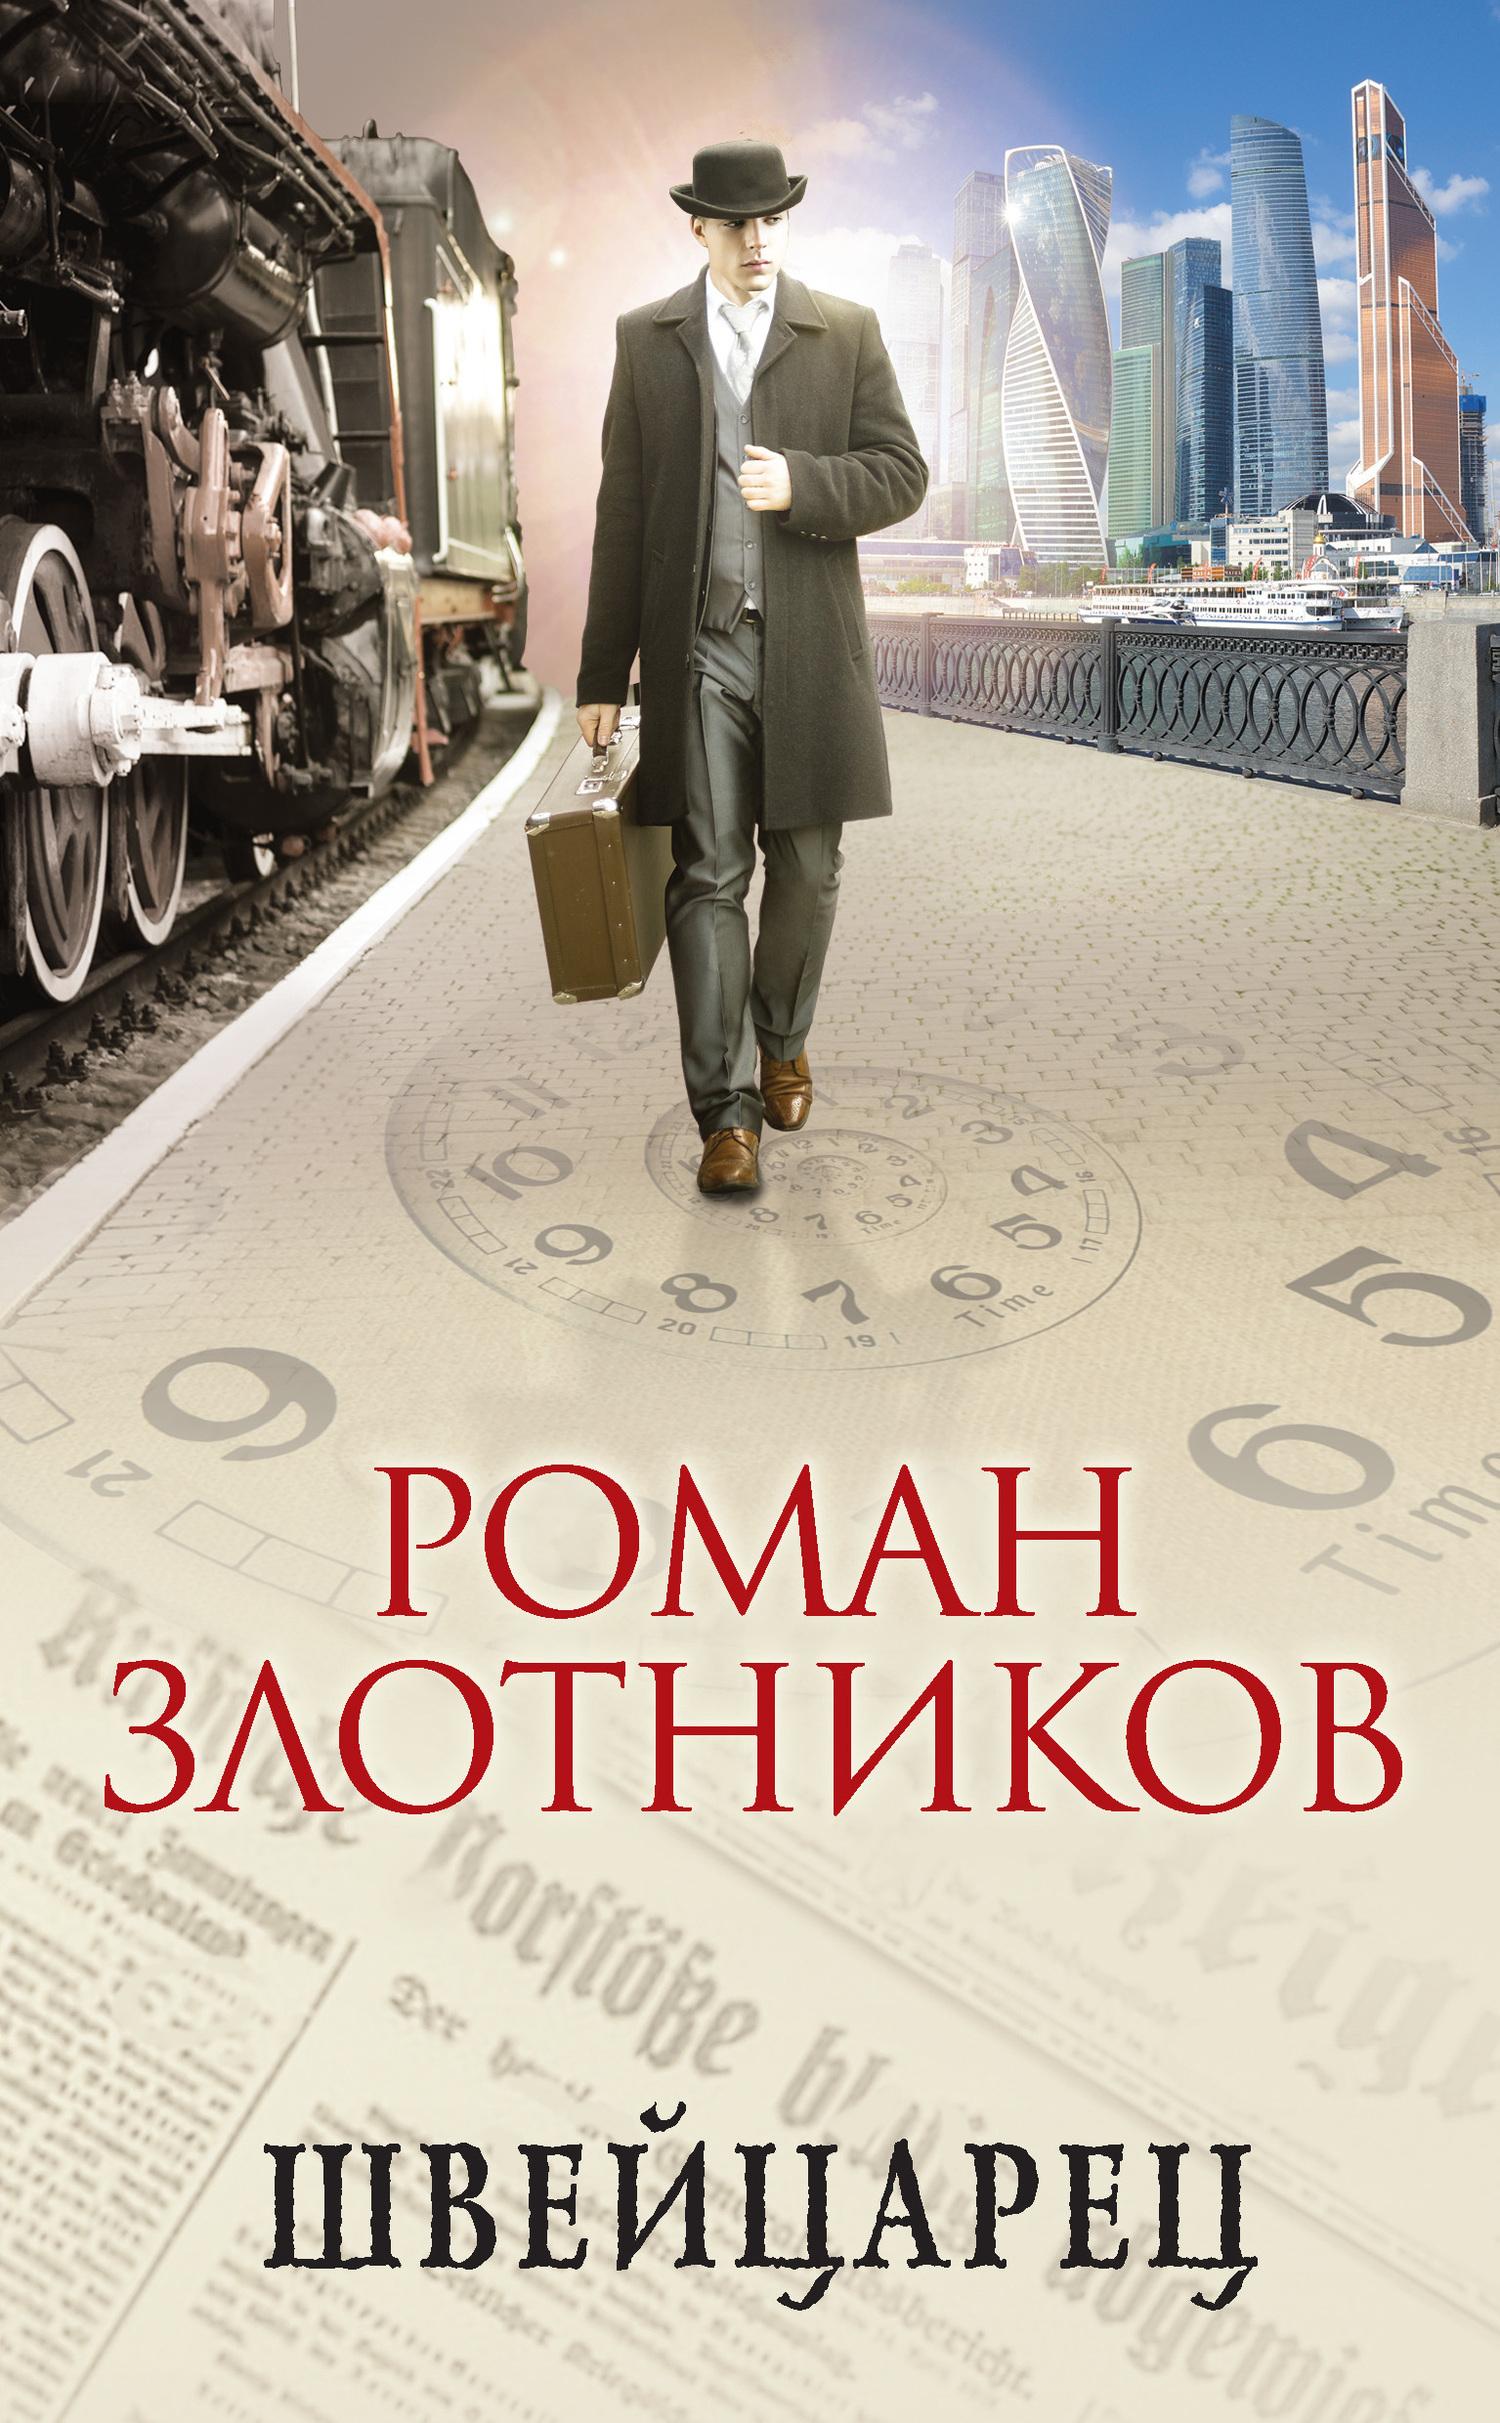 Роман Злотников Швейцарец